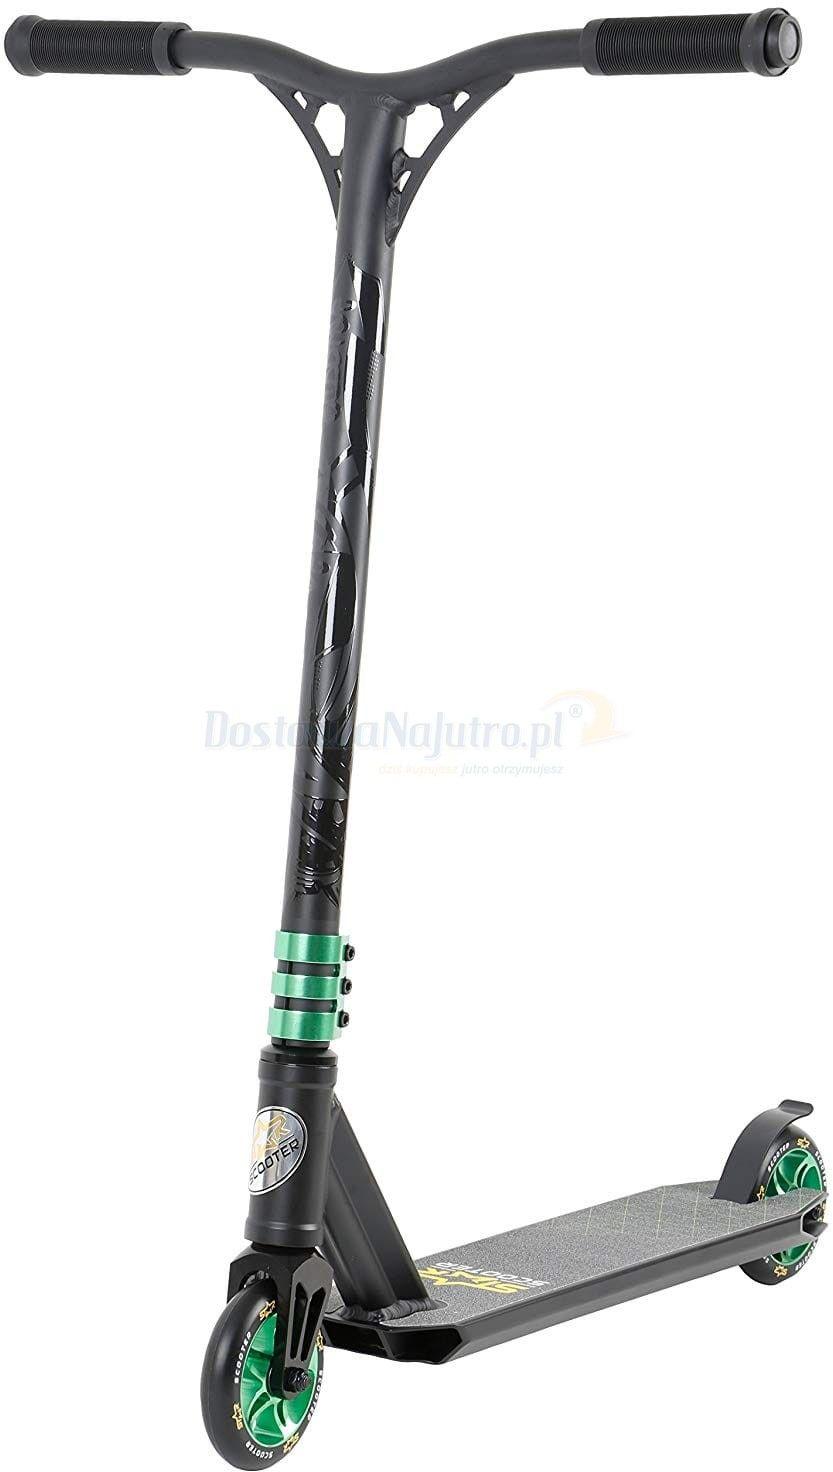 Hulajnoga wyczynowa BikeStar STUNT 110 czarno-zielona semi - professional